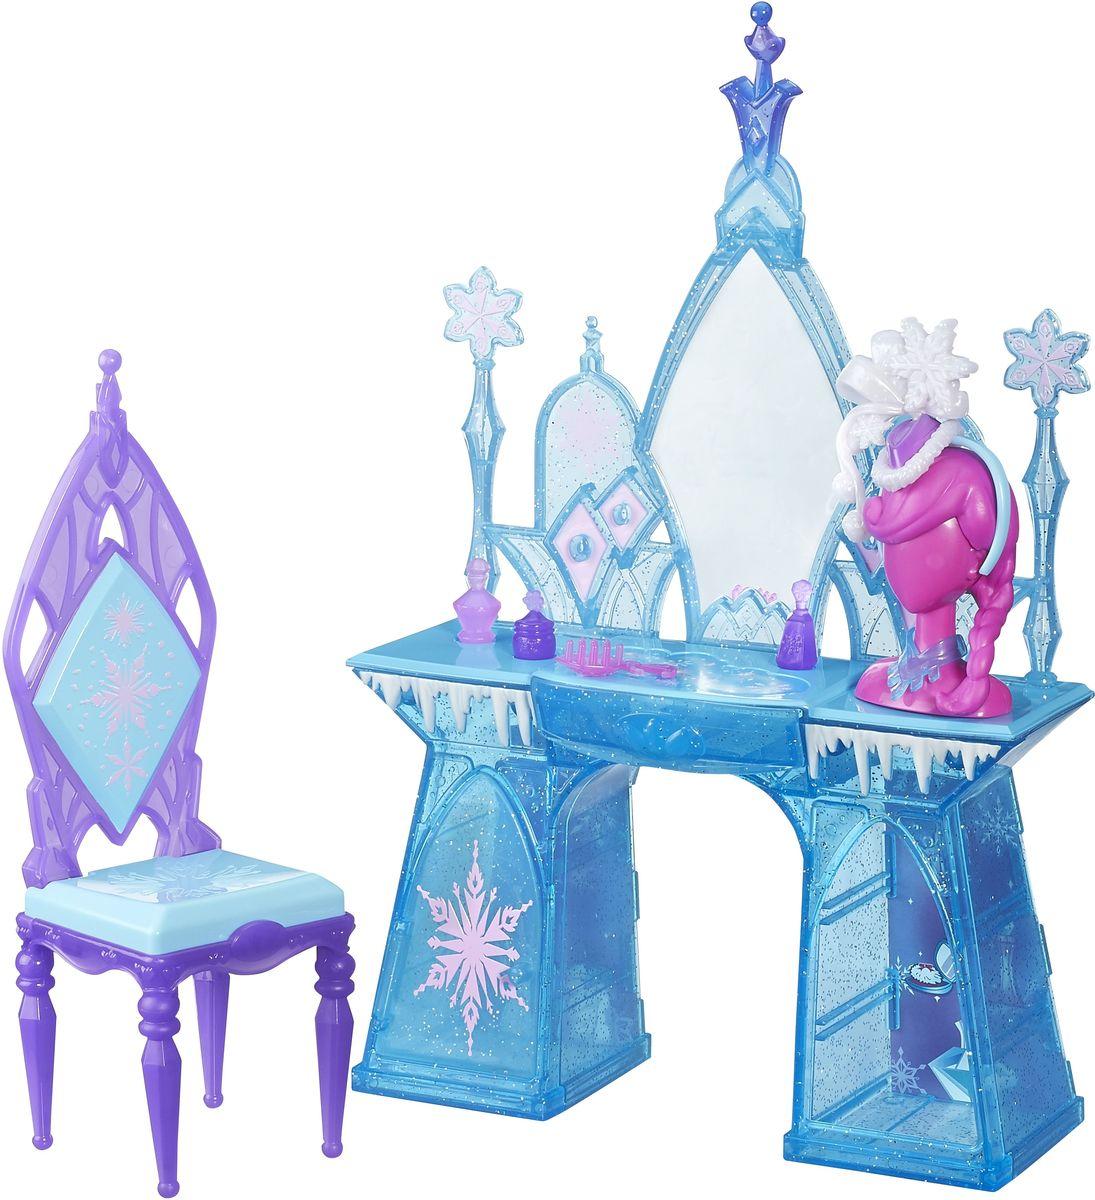 Disney Frozen Игровой набор Туалетный столик ЭльзыB5175EU4_B5176С игровым набором Disney Frozen Туалетный столик Эльзы девочка сможет инсценировать эпизоды из известного мультипликационного фильма или же придумать собственную историю про очаровательную героиню. В набор с туалетным столиком входят стул, 3 флакона духов, расческа, ожерелье, настольный бюст и аксессуары для волос. Ящики и дверца комода открываются. Все предметы набора выполнены из качественных и безопасных материалов. Кукла в набор не входит.